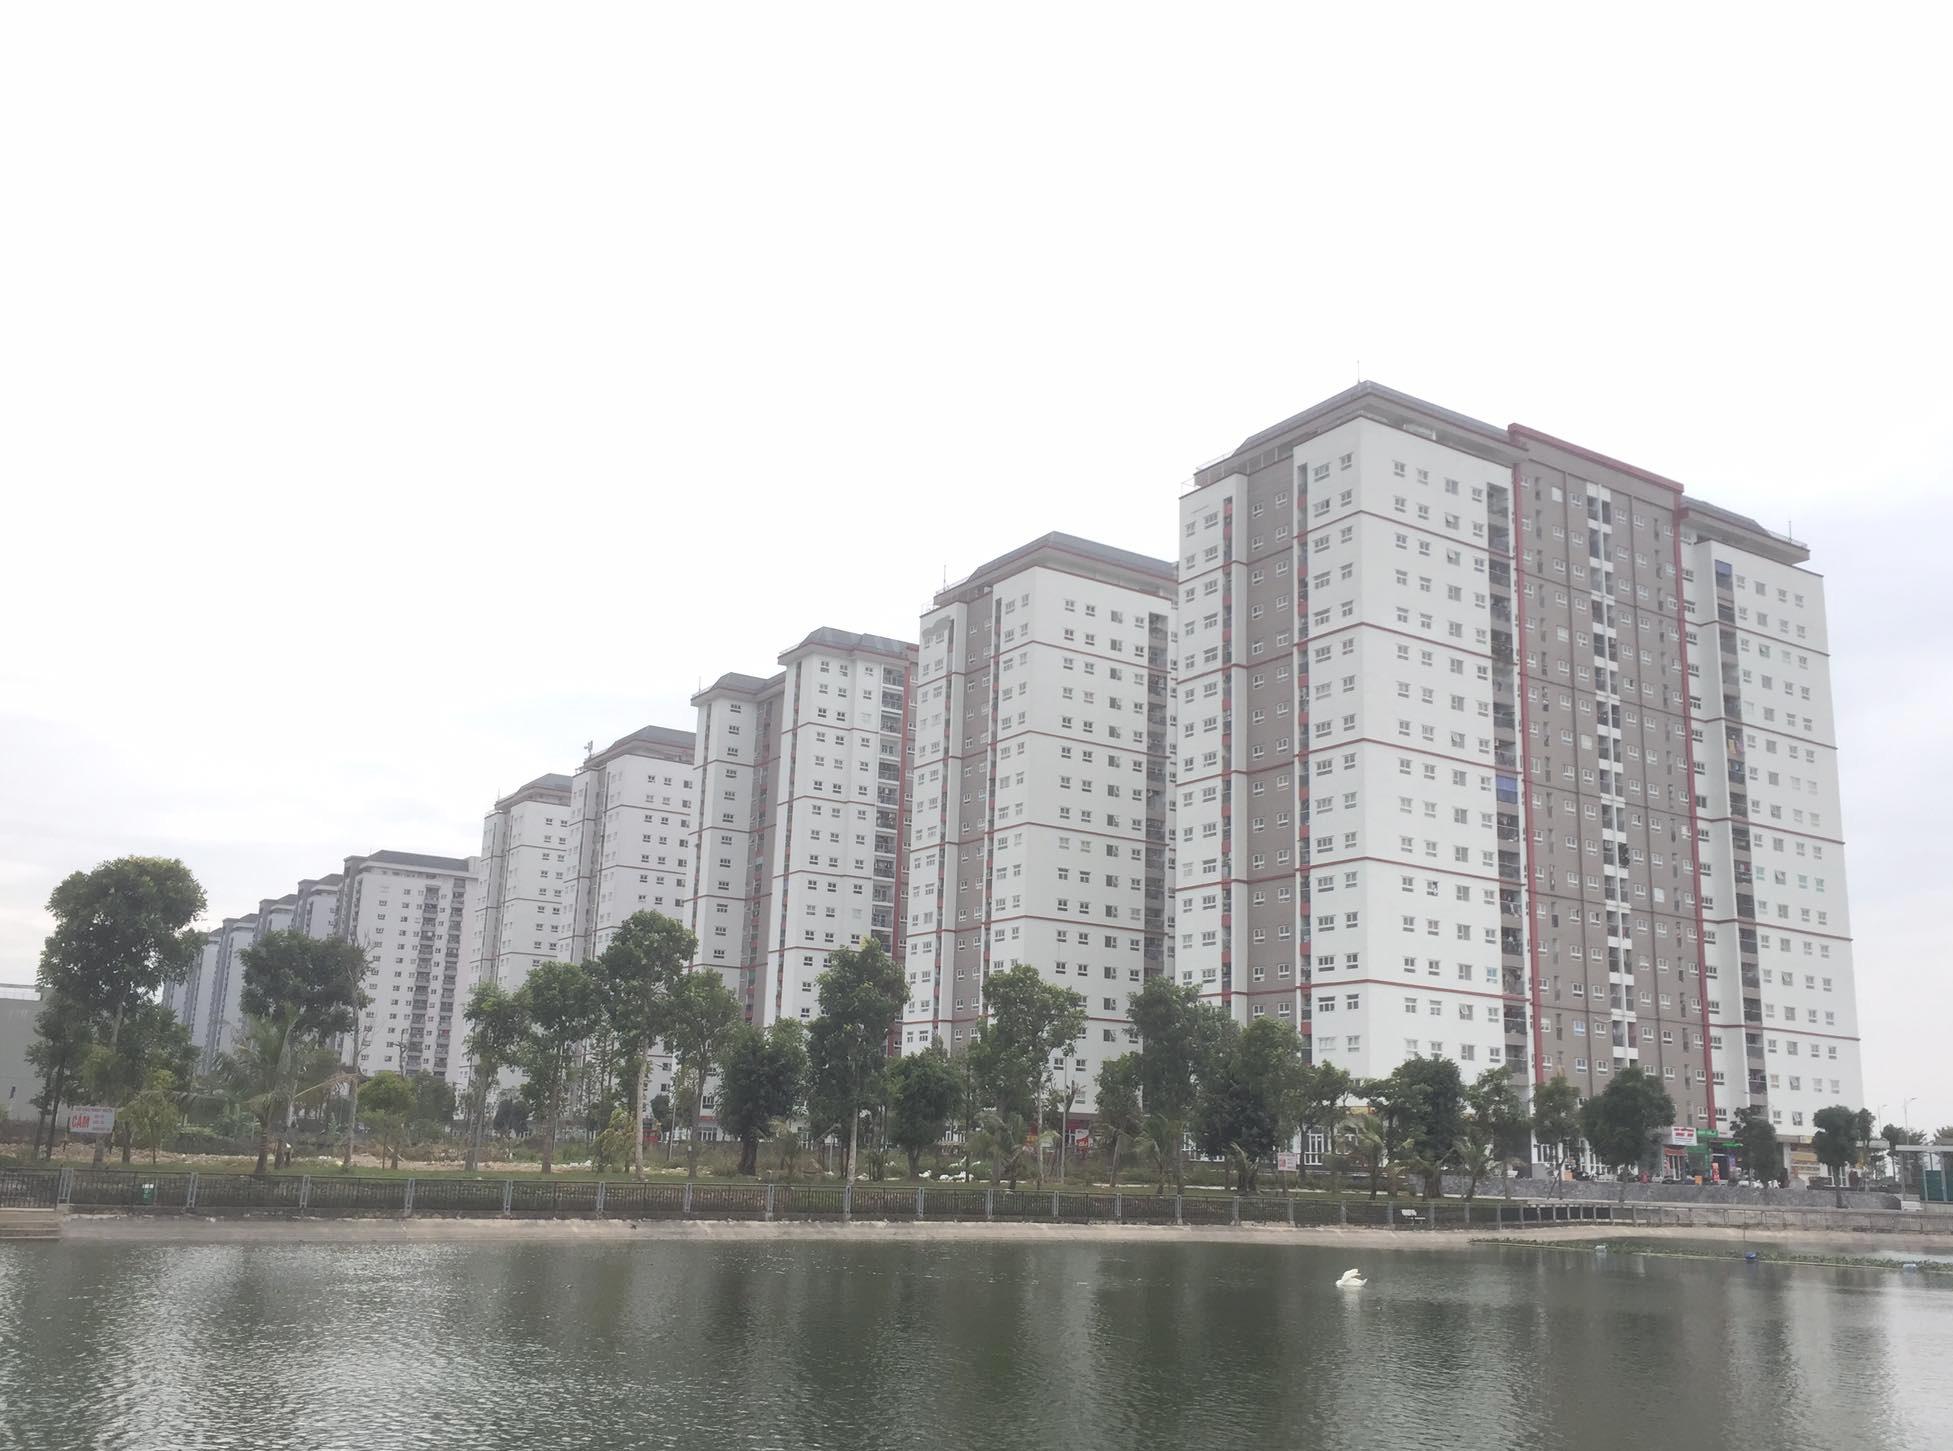 Bất cập trong việc Hà Nội điều chỉnh đối tượng giao đất tại dự án Thanh Hà - Ảnh 1.